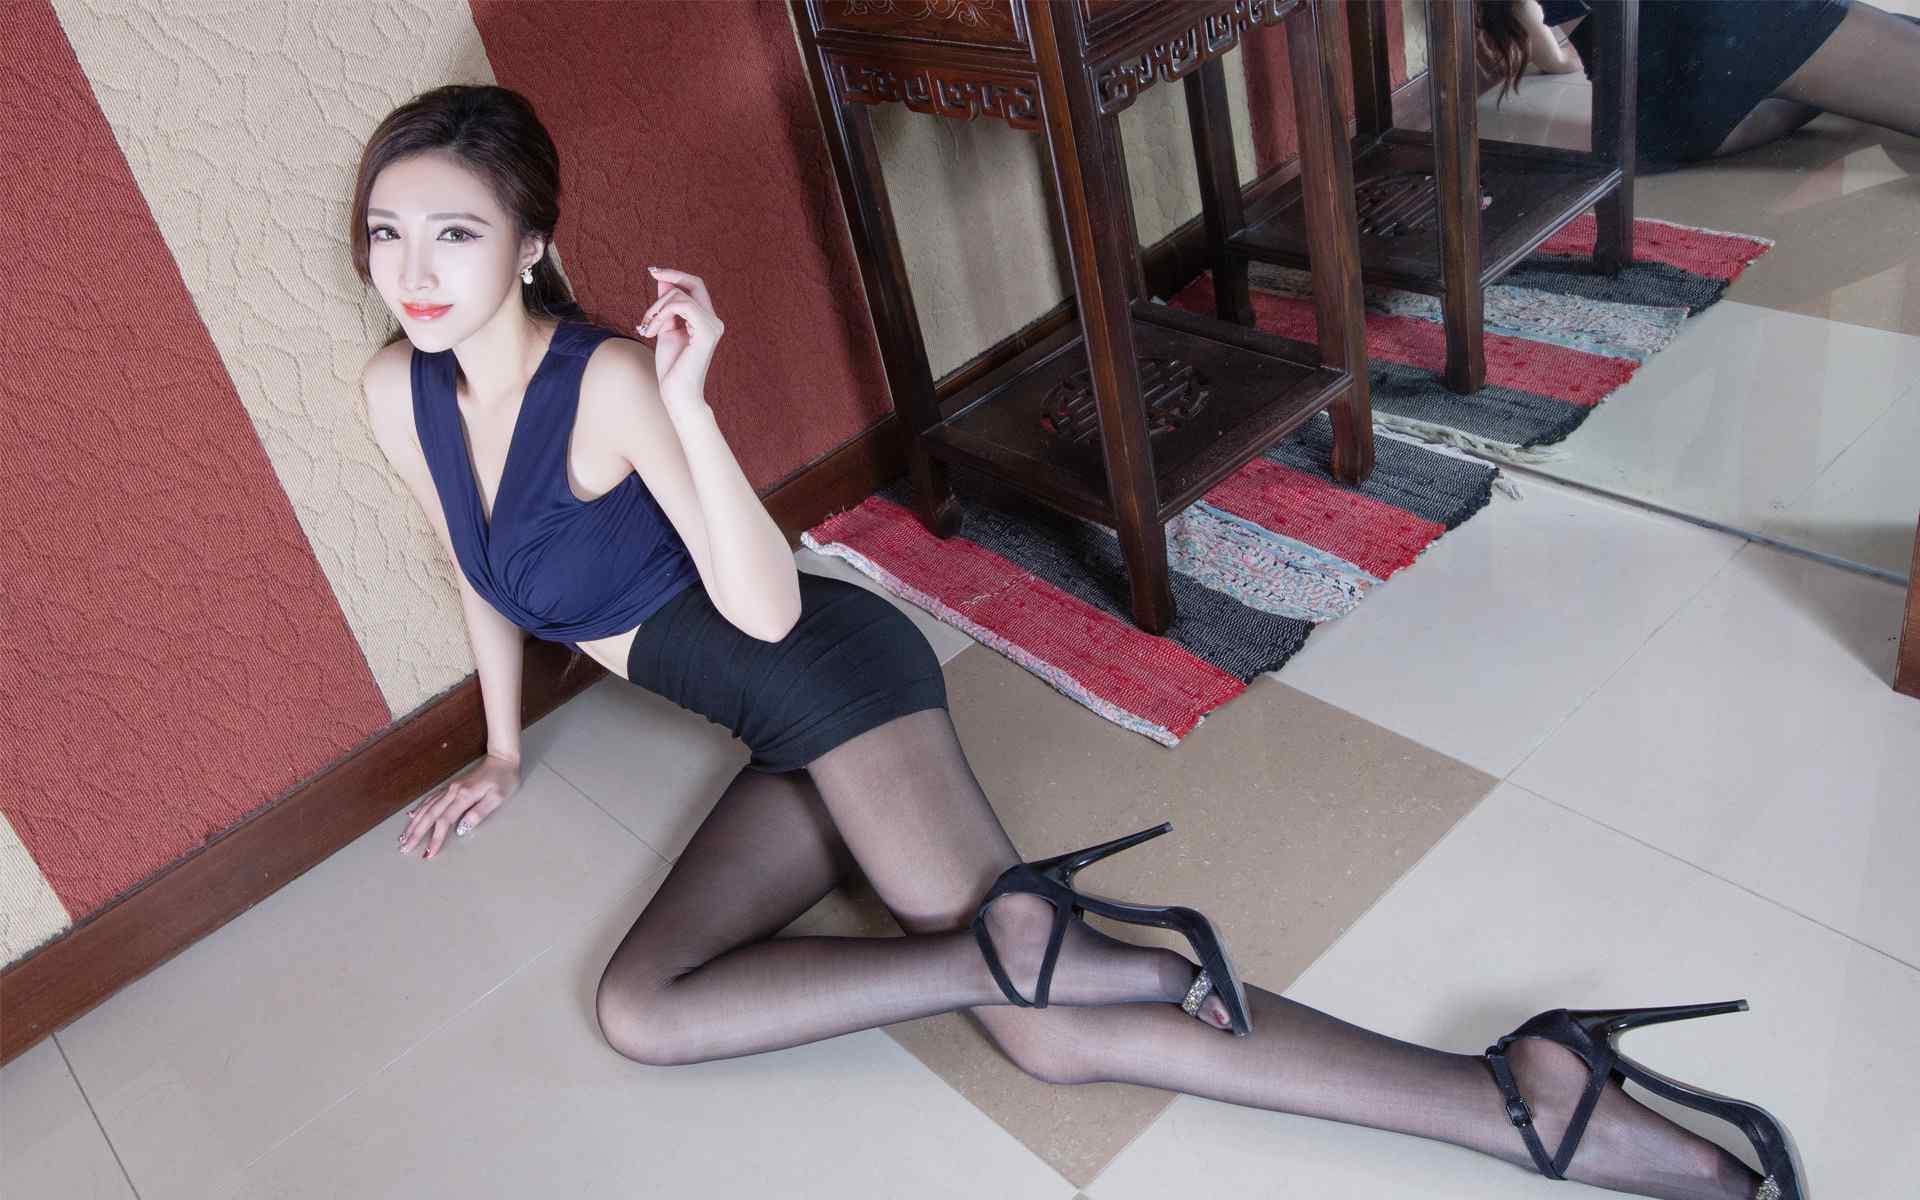 极品女秘书黑丝美腿性感图片桌面壁纸